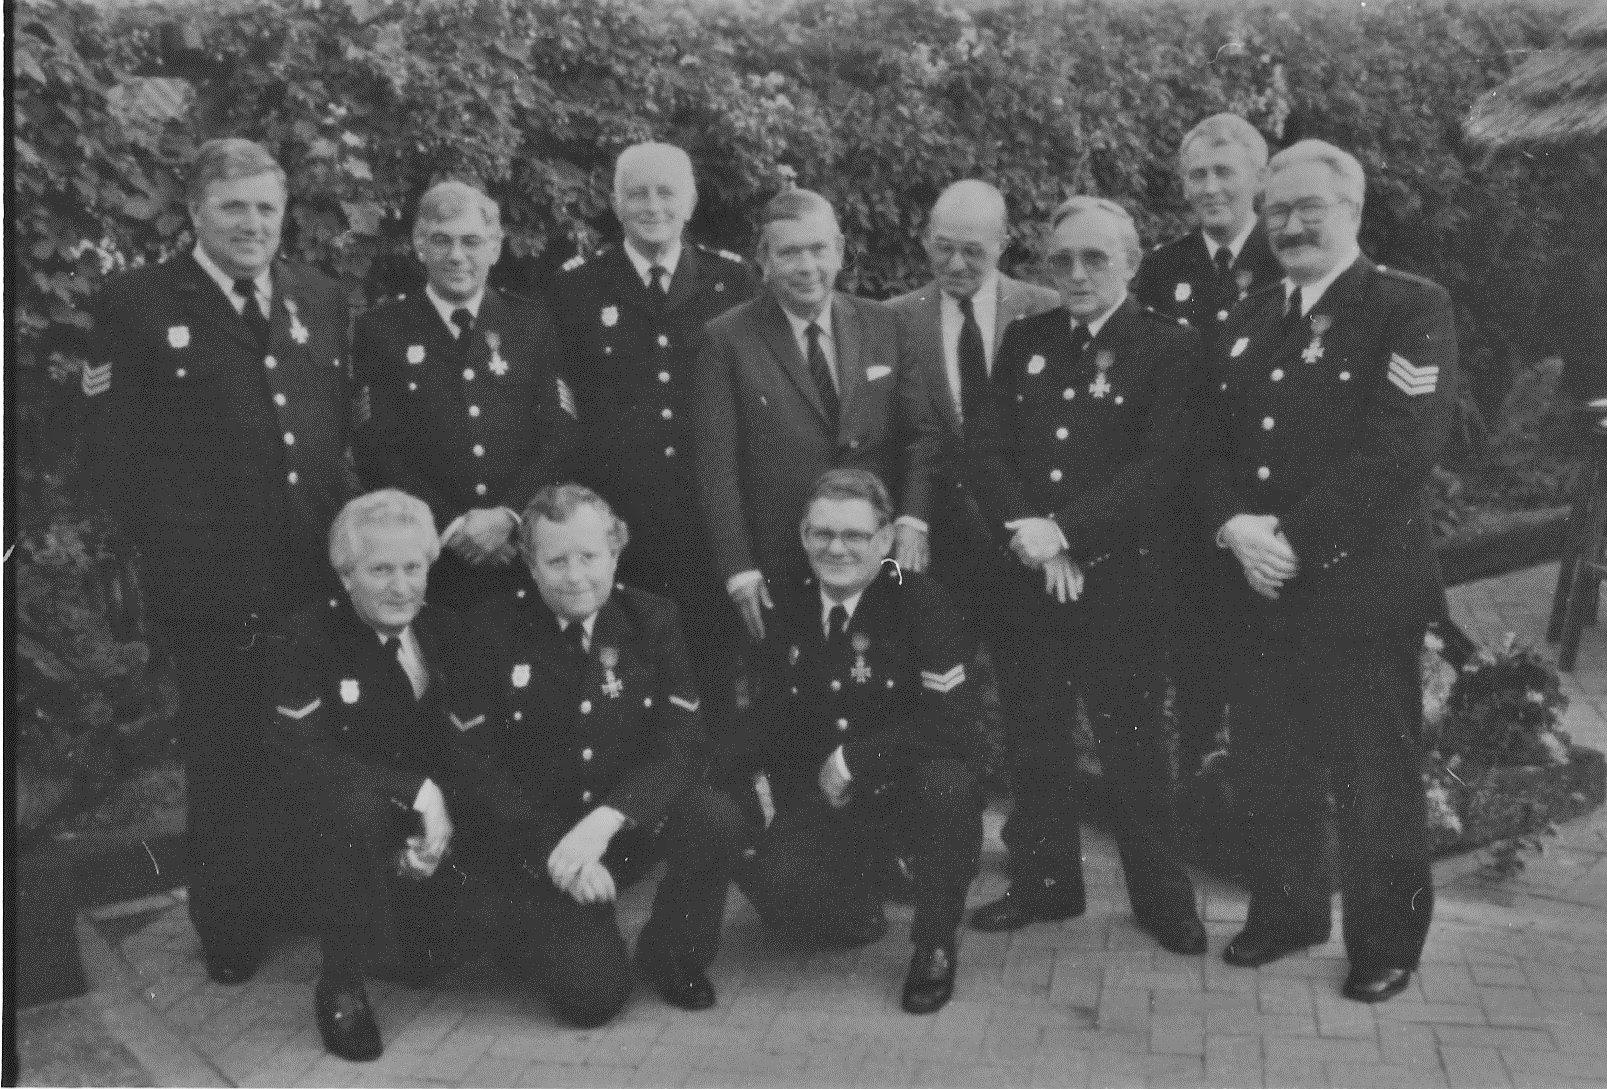 1982 Brandweer achter vd Meijden, geridderd